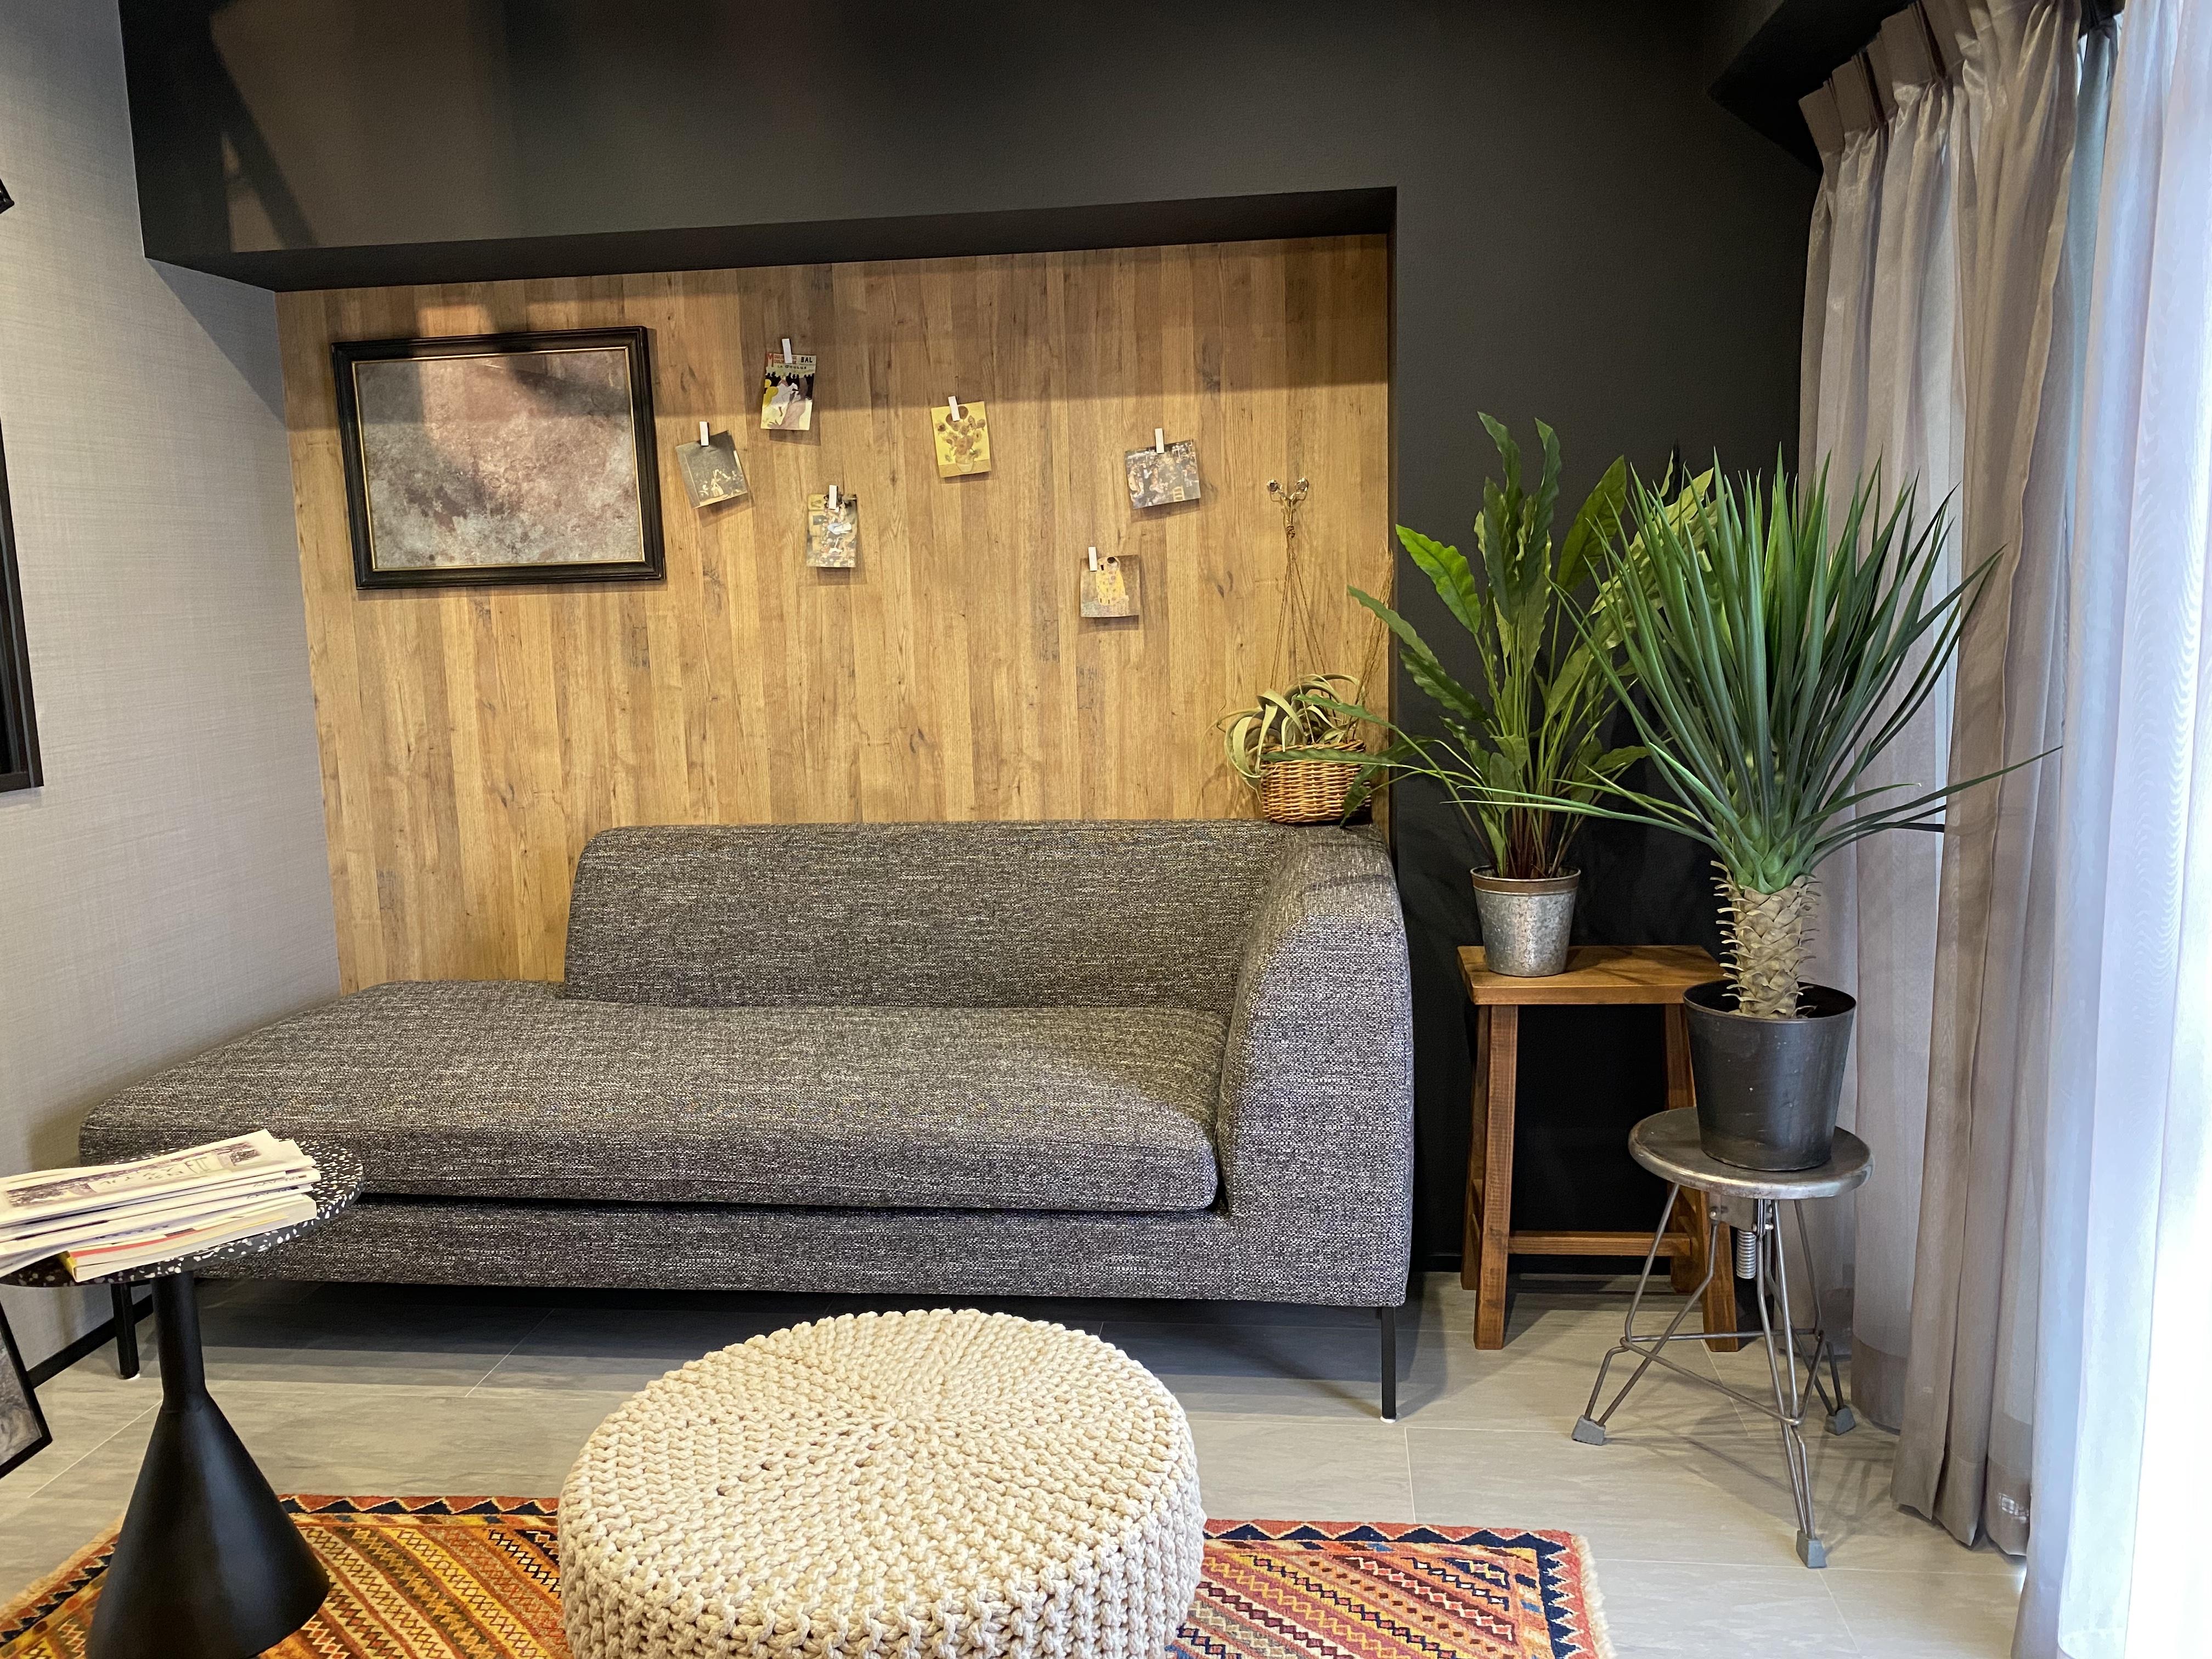 リビングはソファ背面にマグネットボードを設置、アクセントであり実用性も抜群です